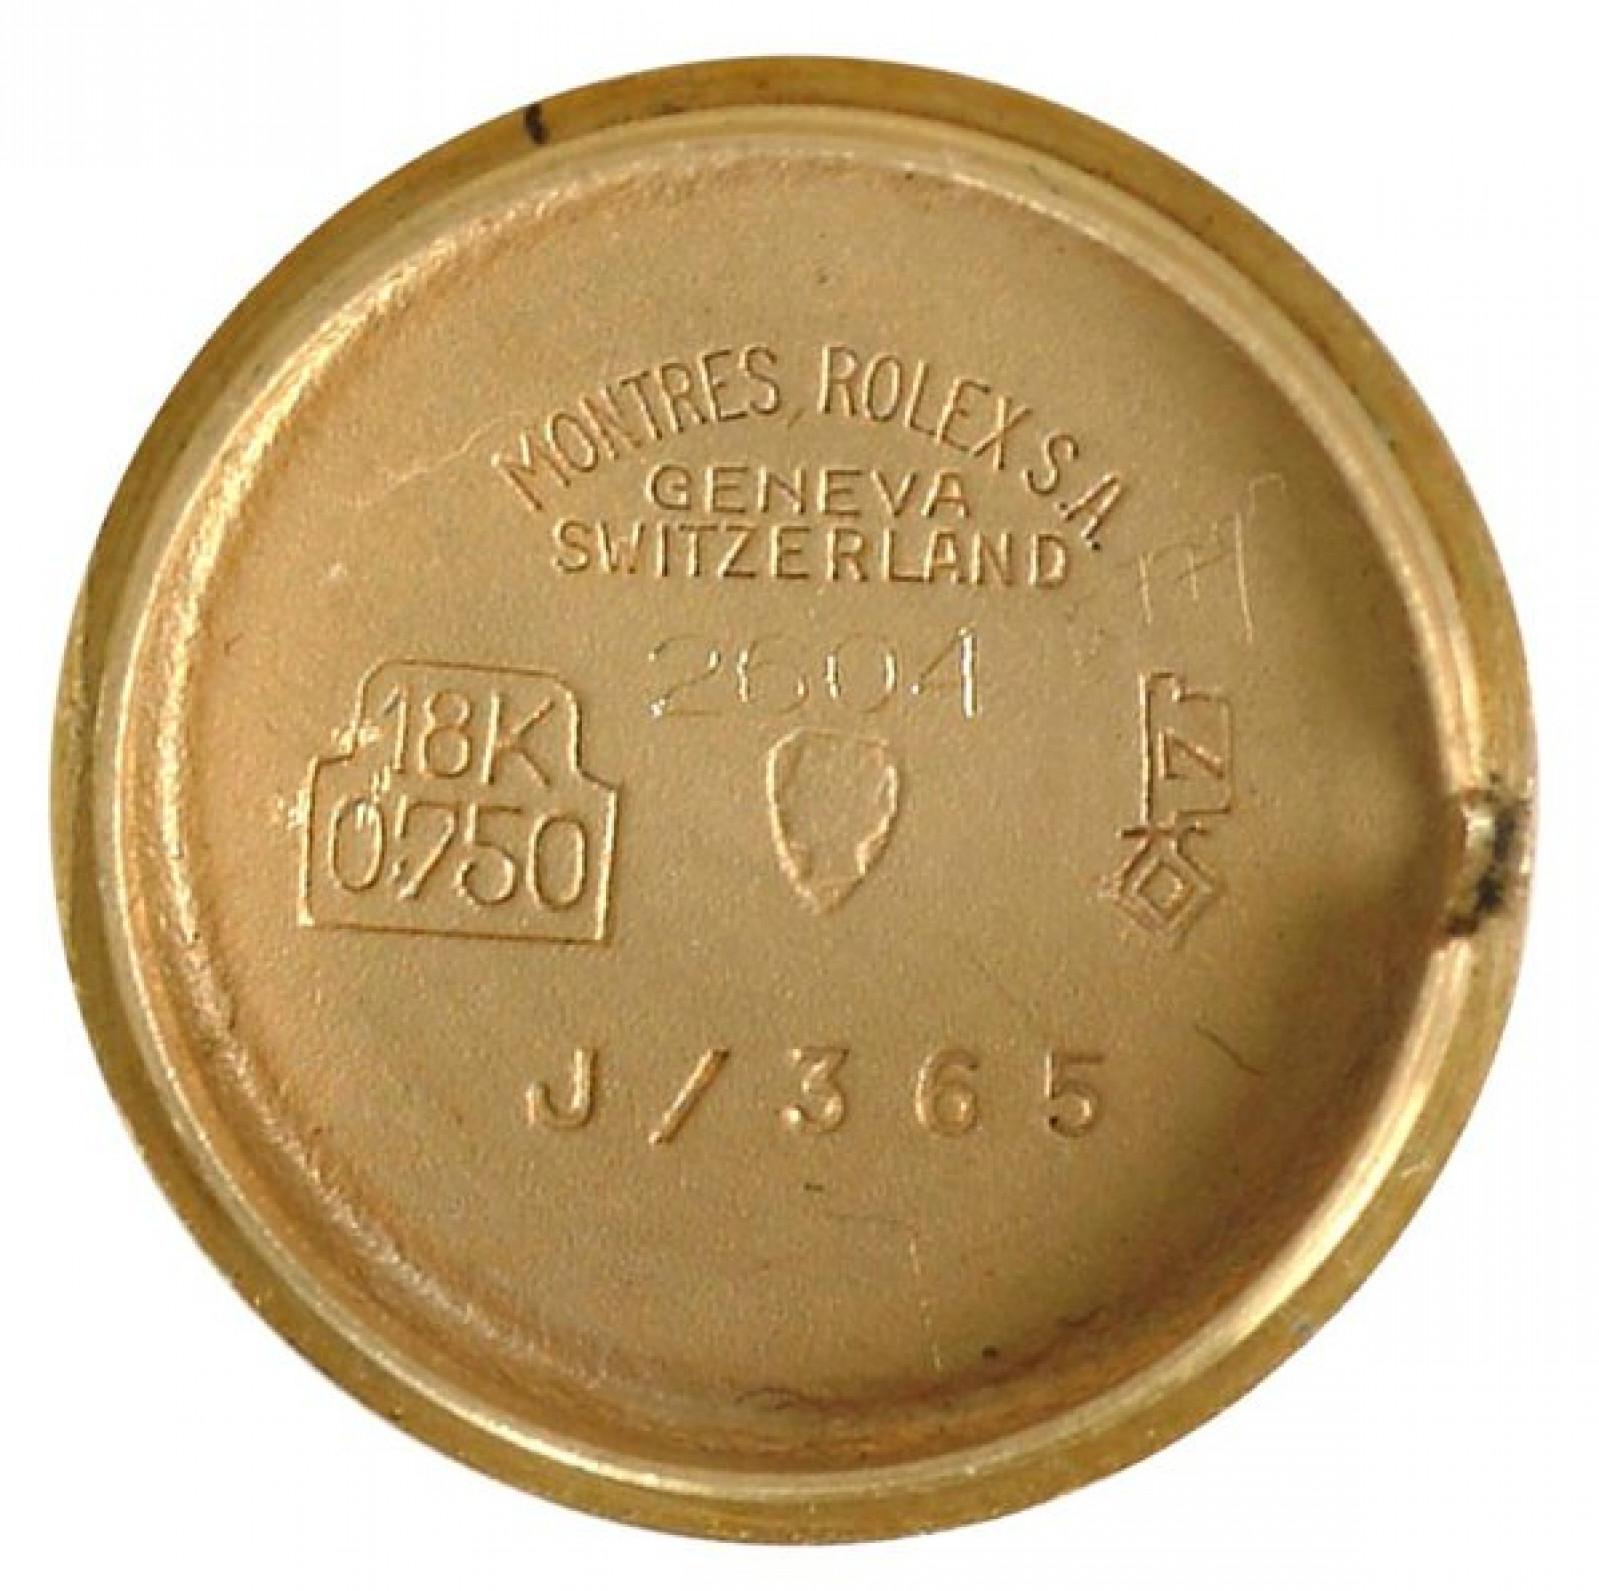 Vintage Rolex Precision 2604